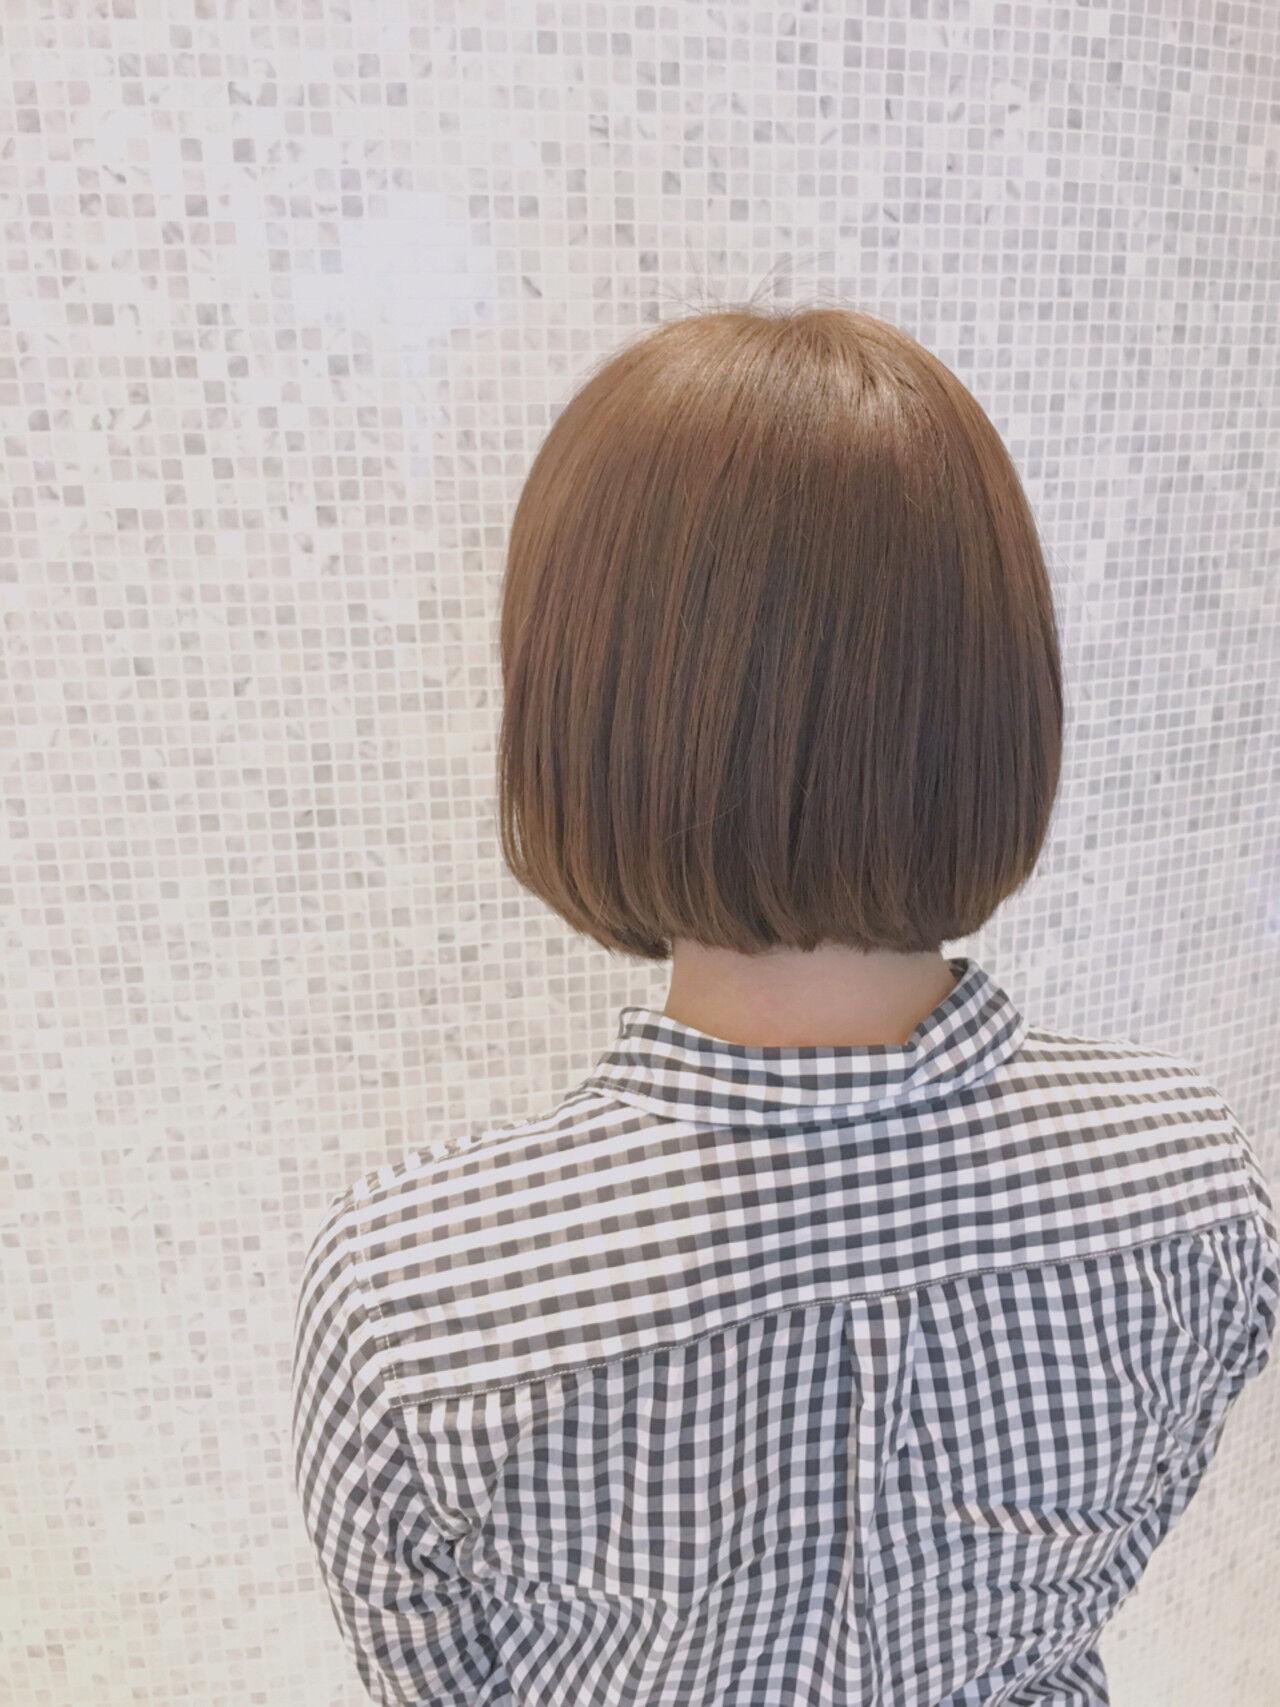 ボブ ベージュ 小顔 アッシュベージュヘアスタイルや髪型の写真・画像